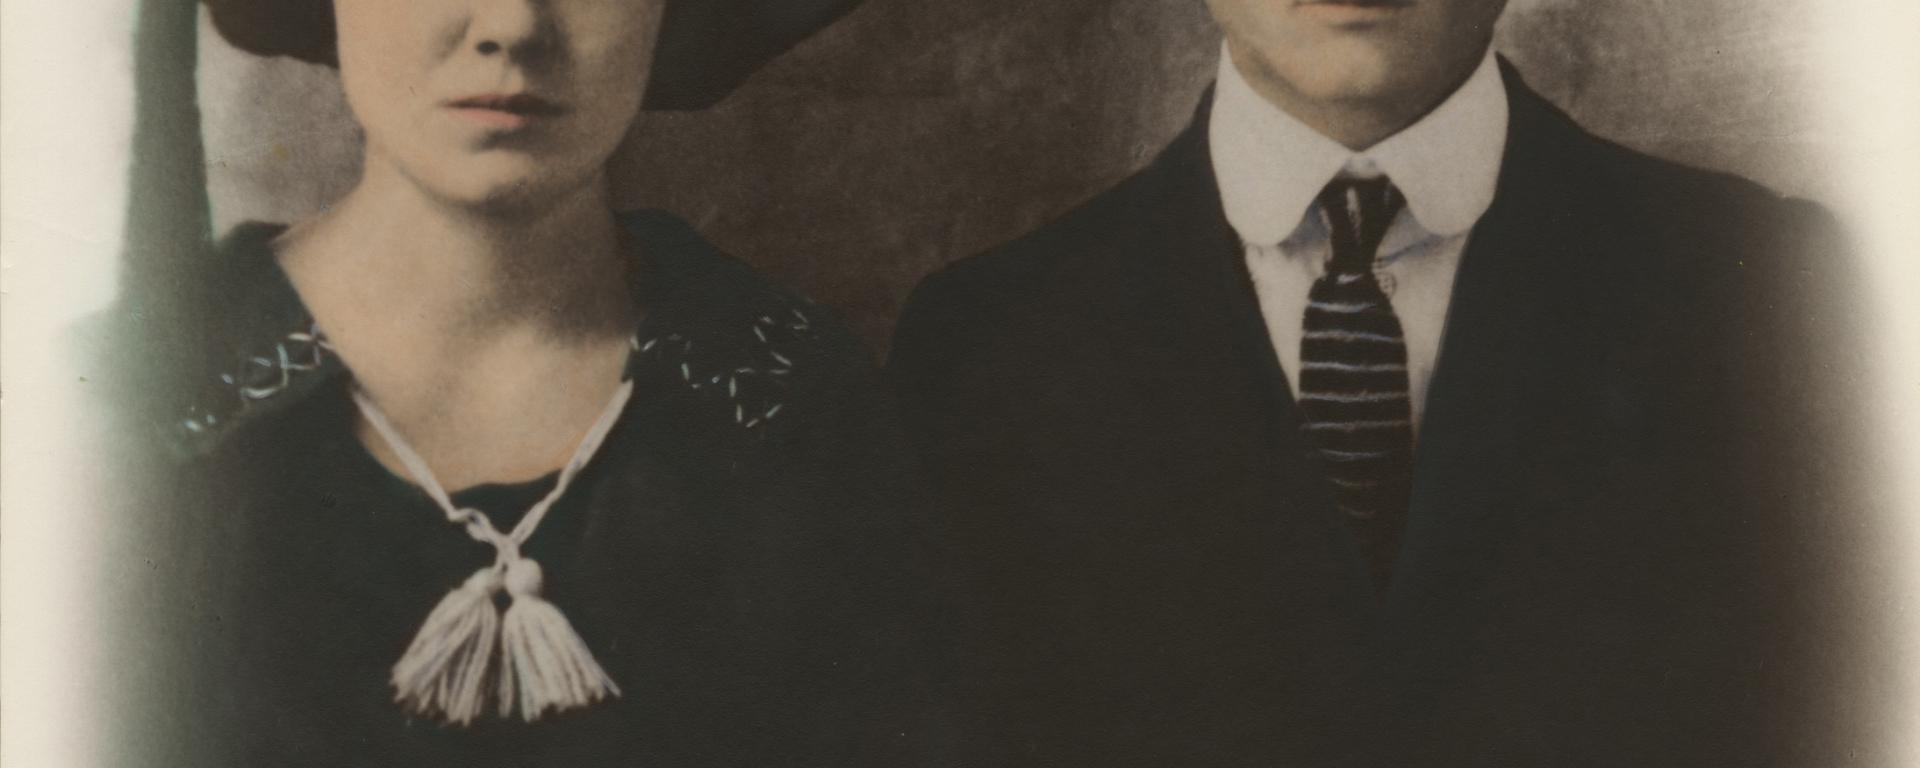 Ortense & DeJean